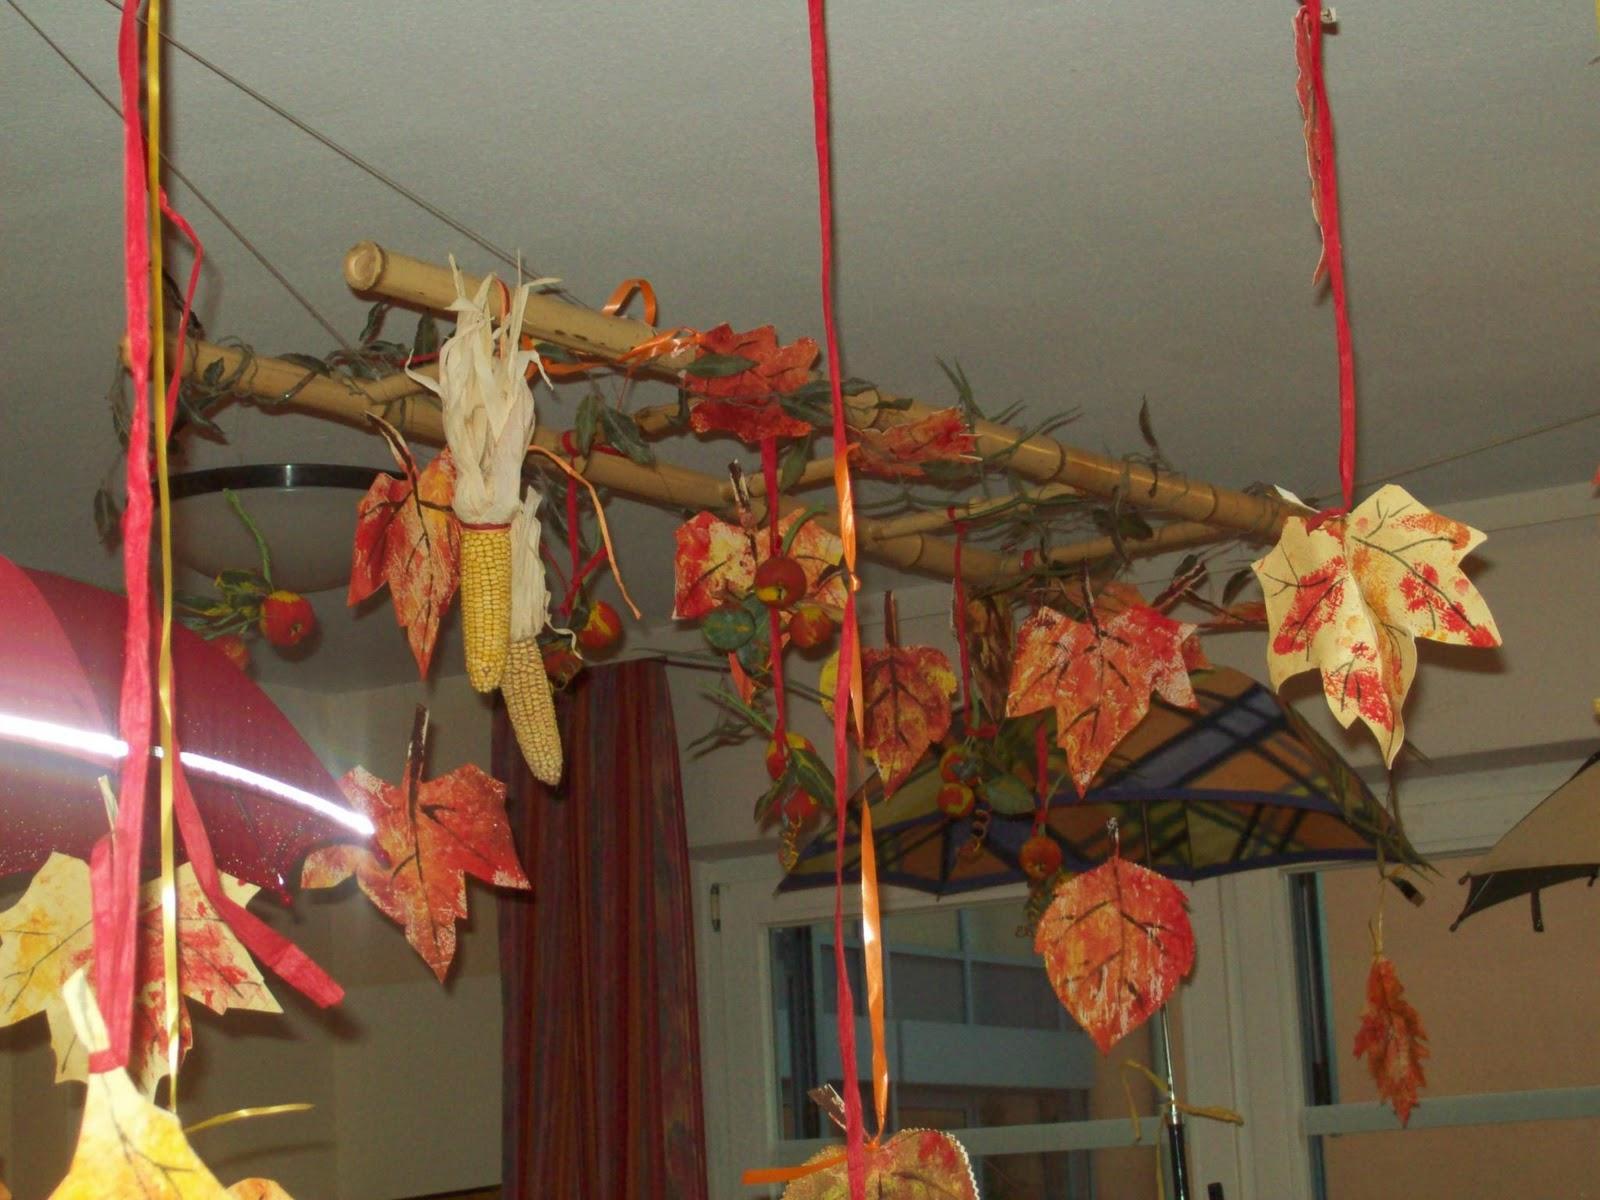 Awo seniorenzentrum wiesengrund trebbin oktober 2011 - Ast dekorieren ...